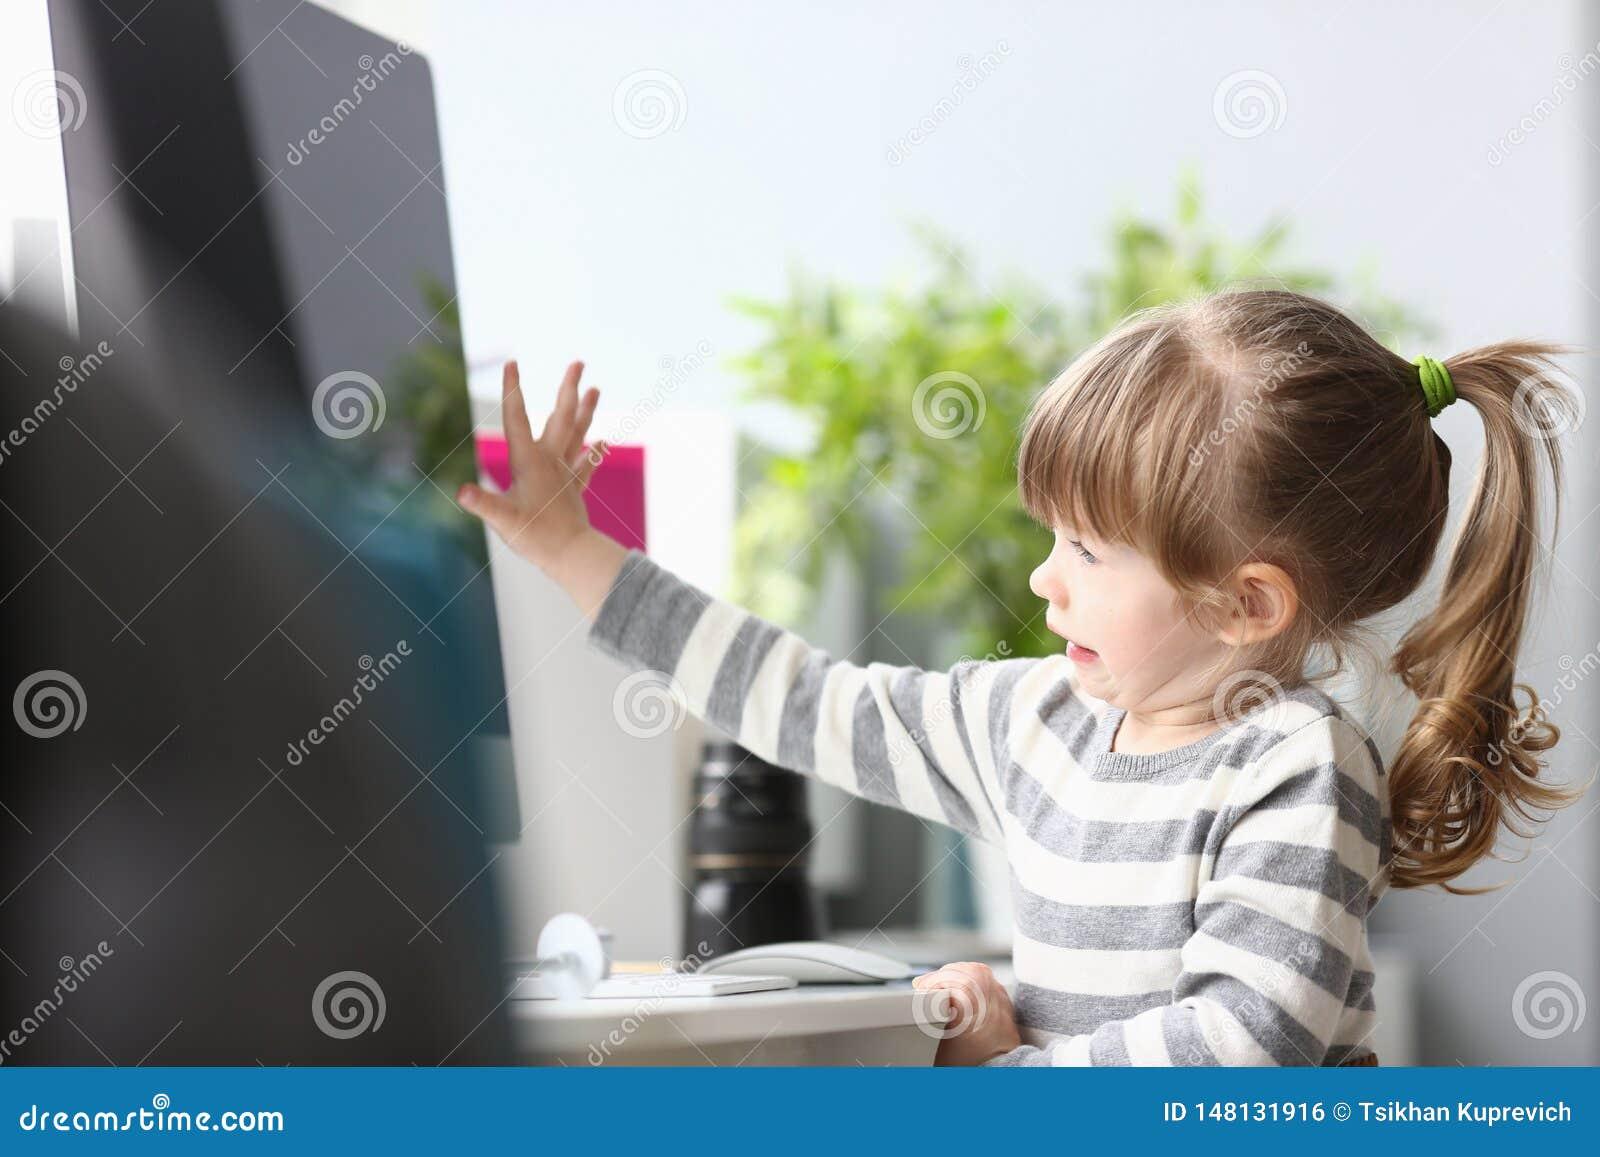 在家坐在与计算机的工作台工作的逗人喜爱的女孩